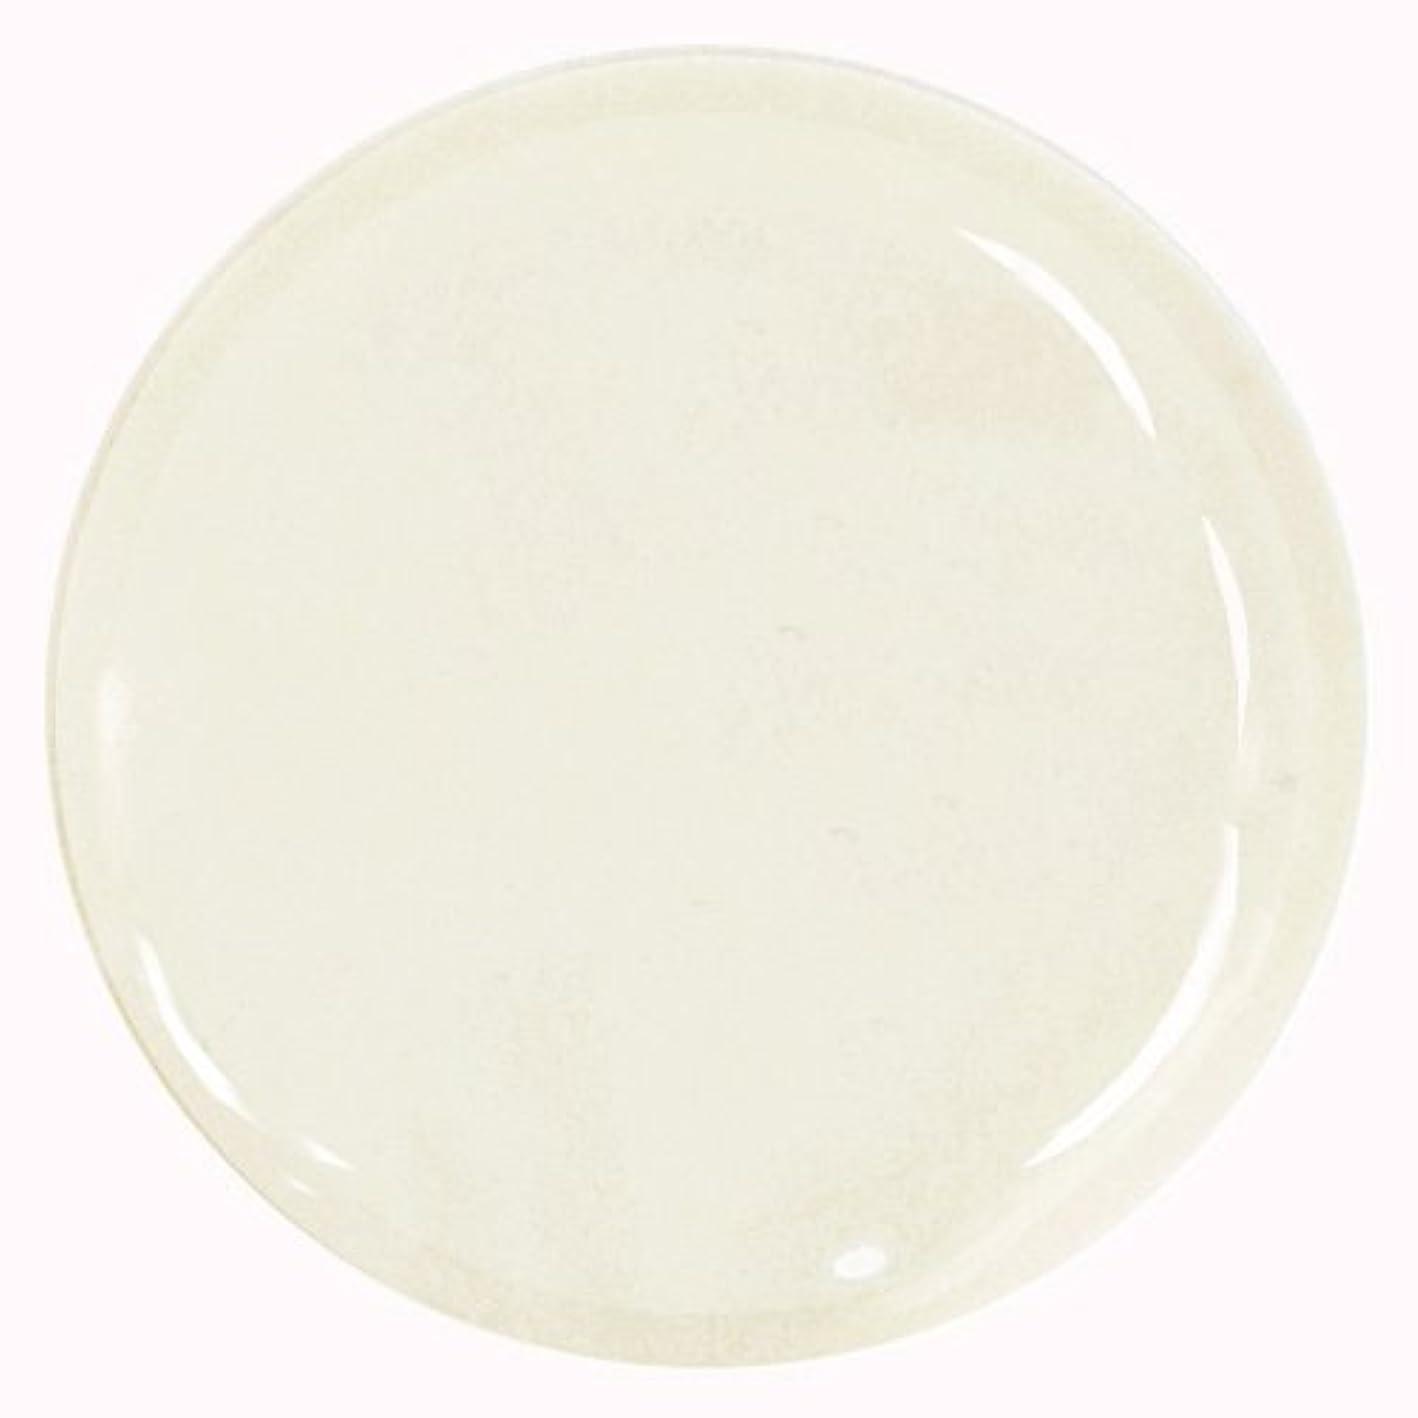 分解するシェル誕生日クリアジェル ソークオフジェル(3in1ソフトジェル)LED/UV 5g NC000